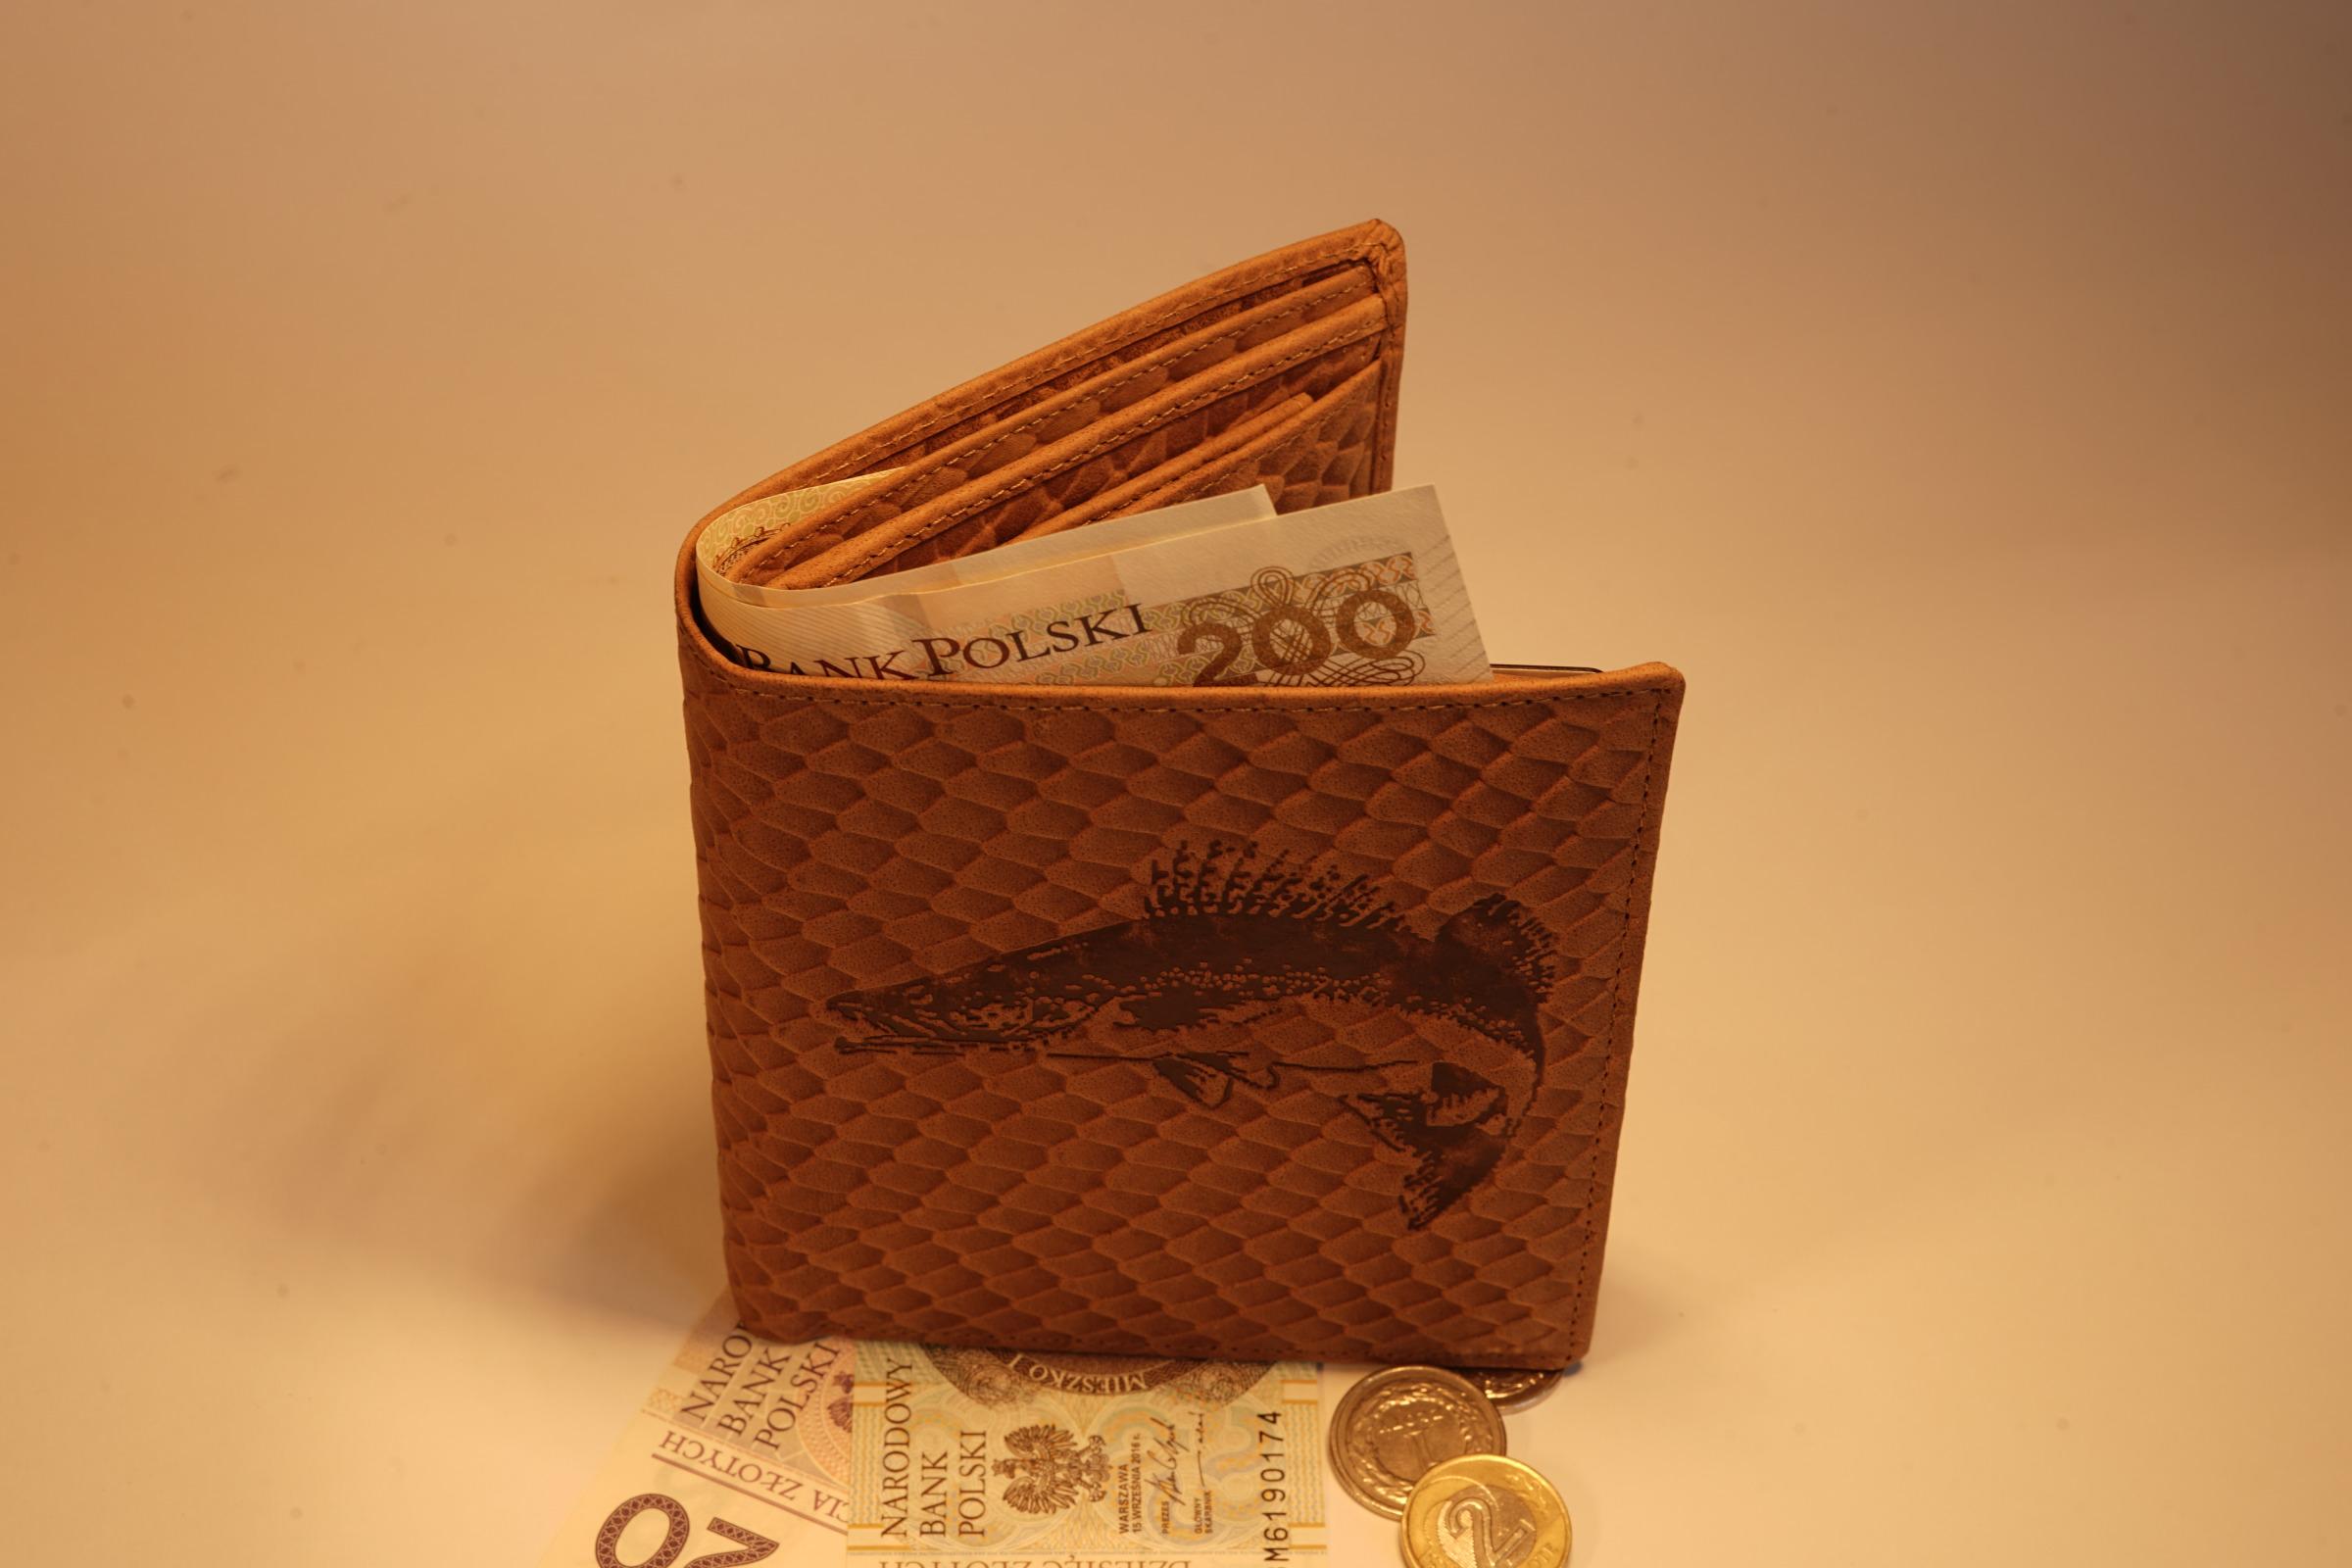 portfel męski, portfel dla mężczyzny, galanteria skórzana, portfel grawerowany, portfel sandacz, portfel z rybką